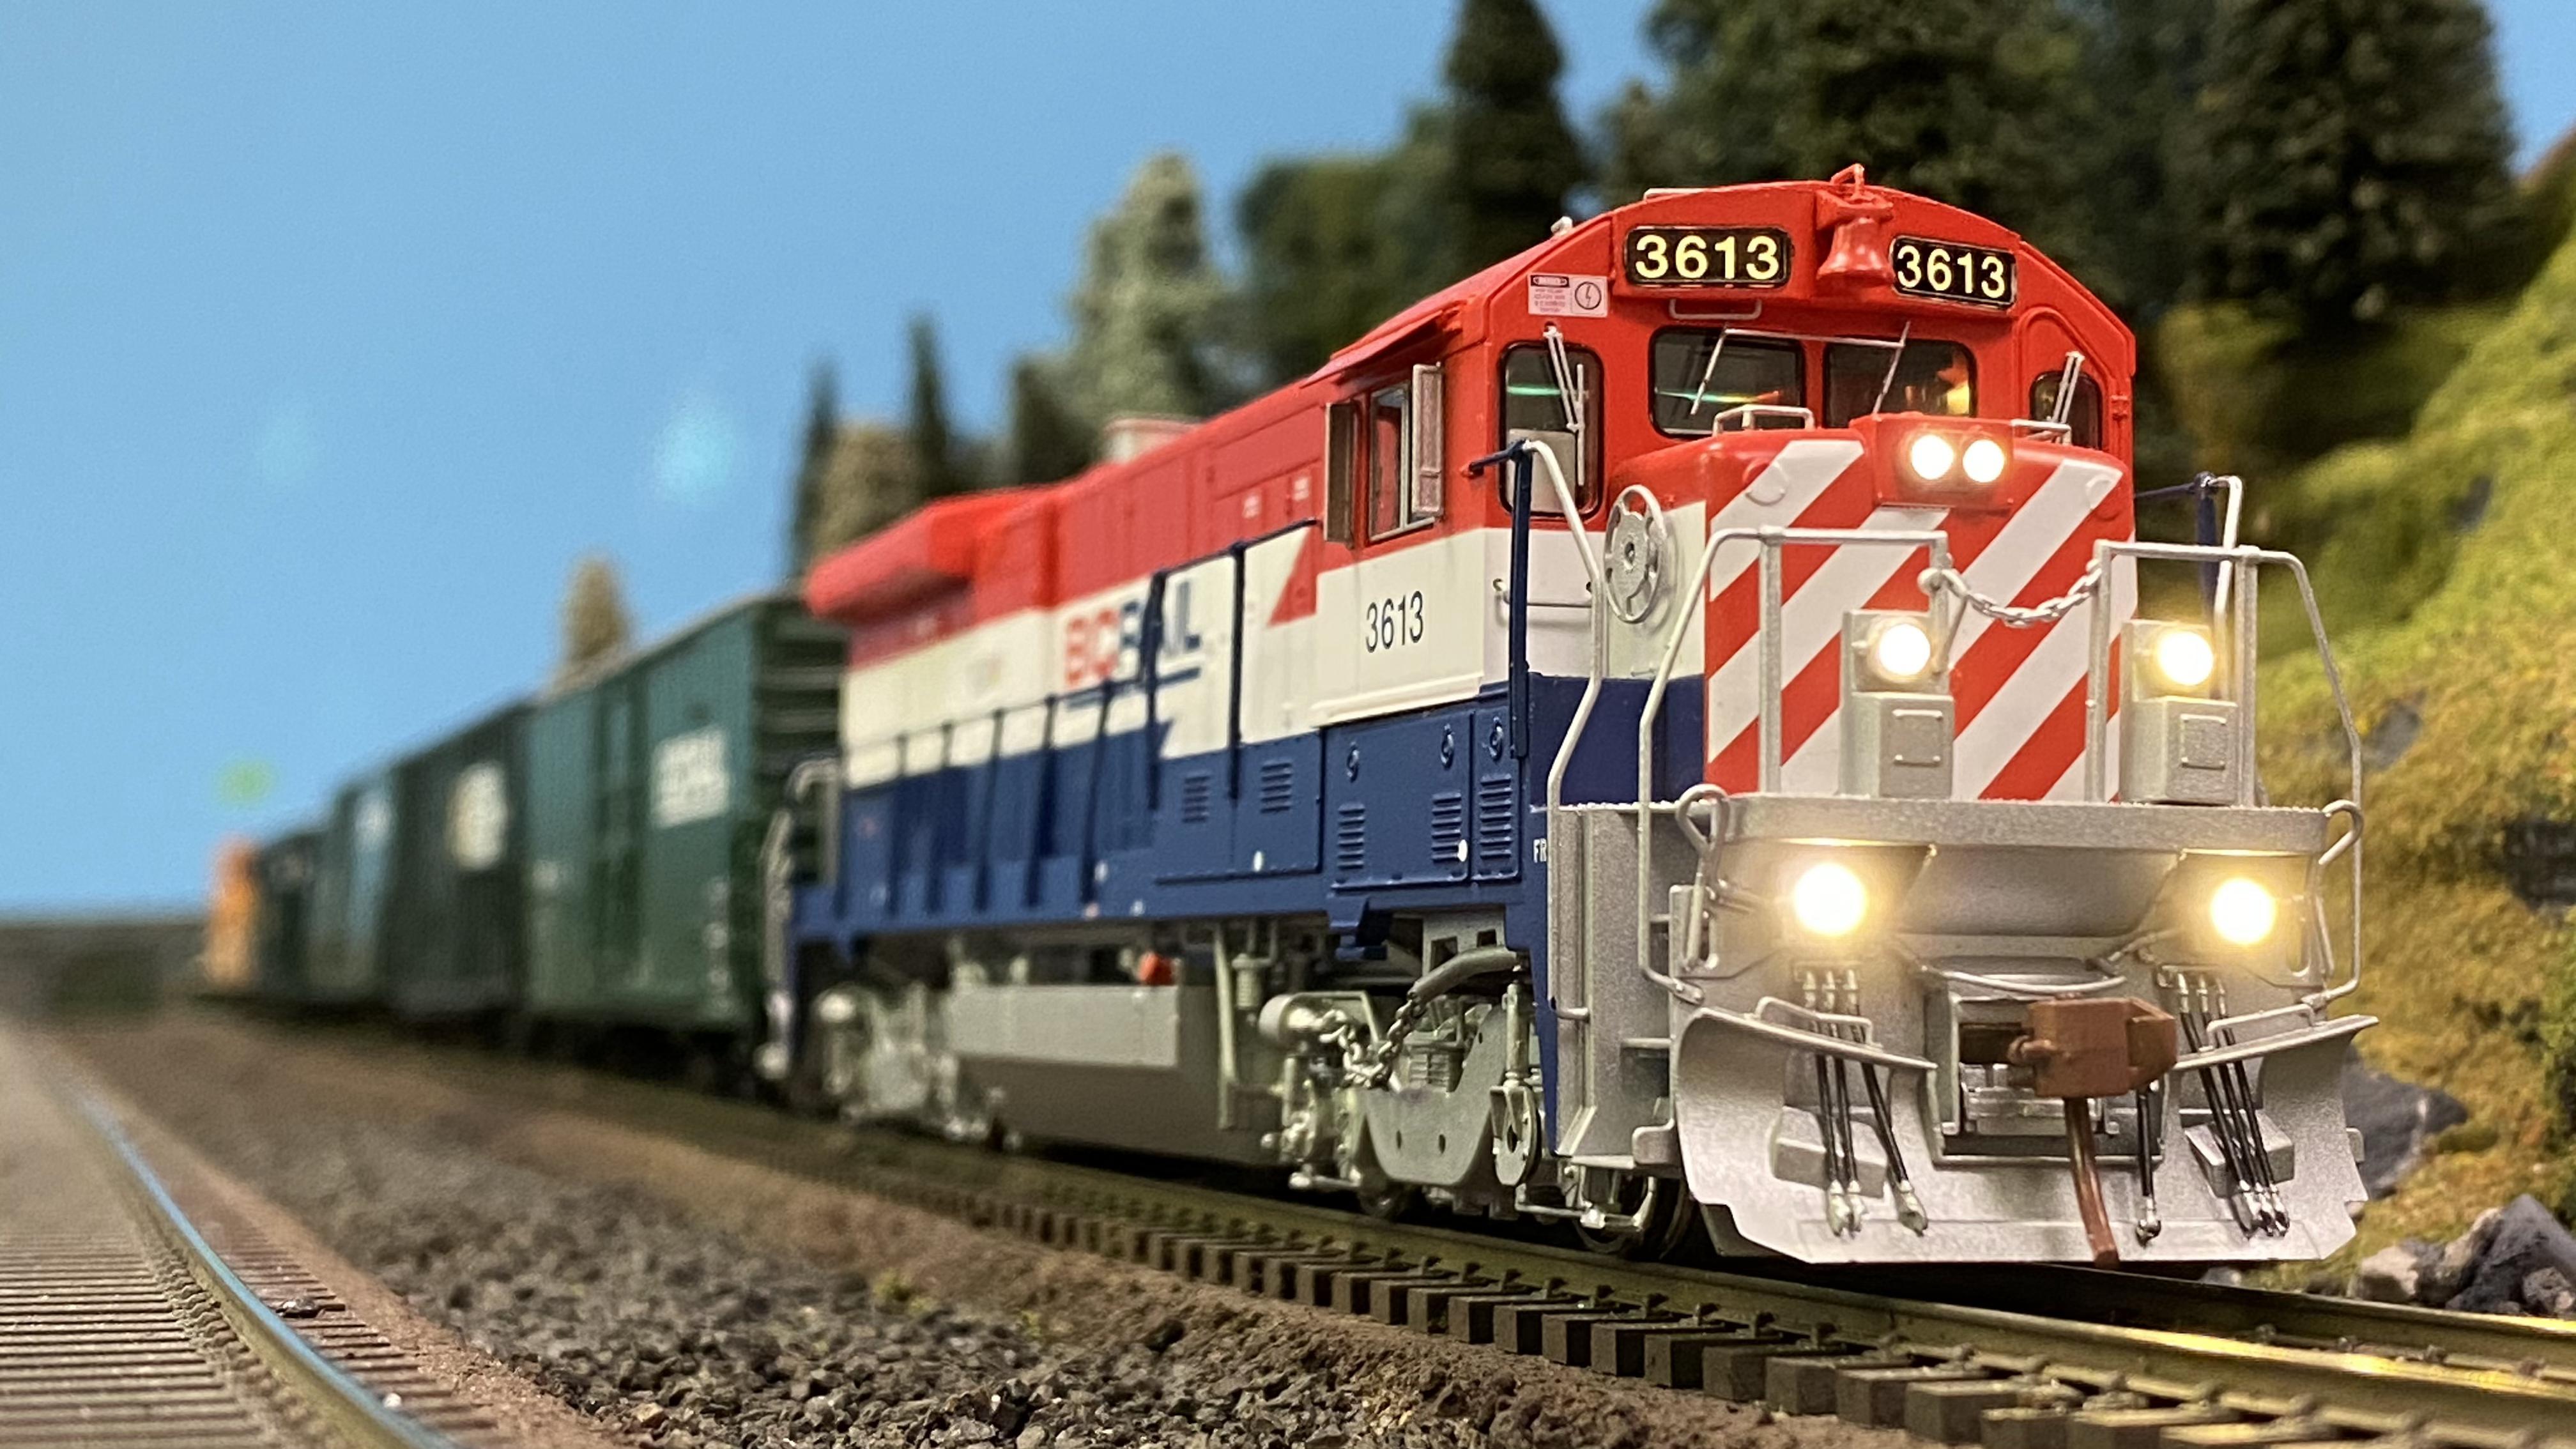 DCC025EF-95B6-4309-A7A9-232B4AF5EA22_1_2